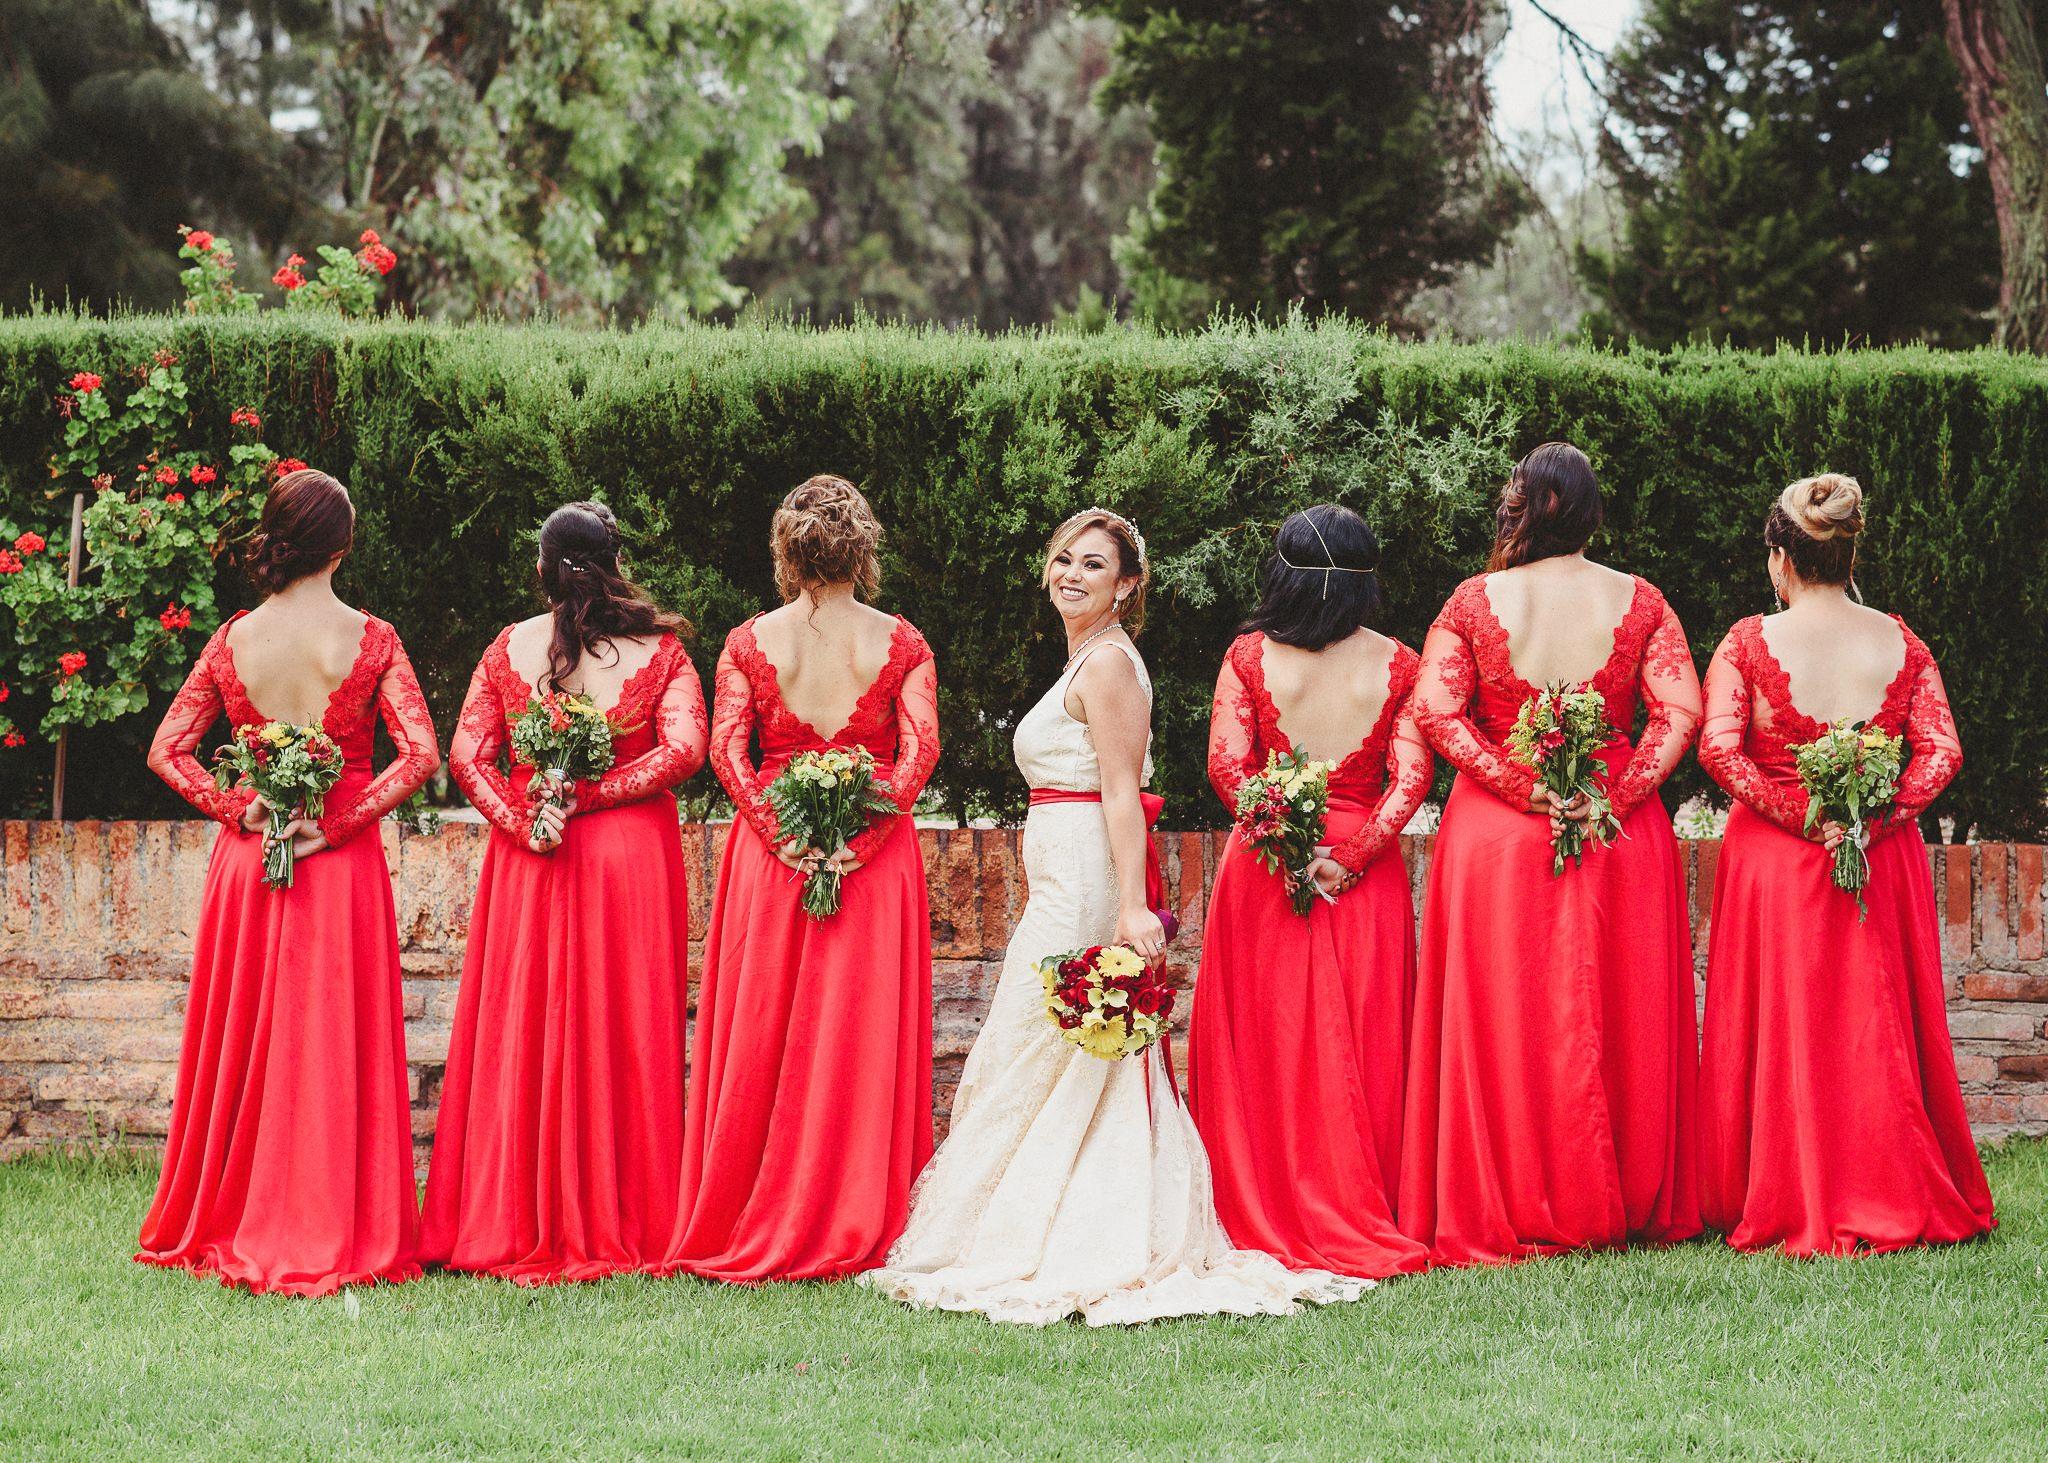 03boda-en-jardin-wedding-hacienda-los-cuartos-fotografo-luis-houdin88